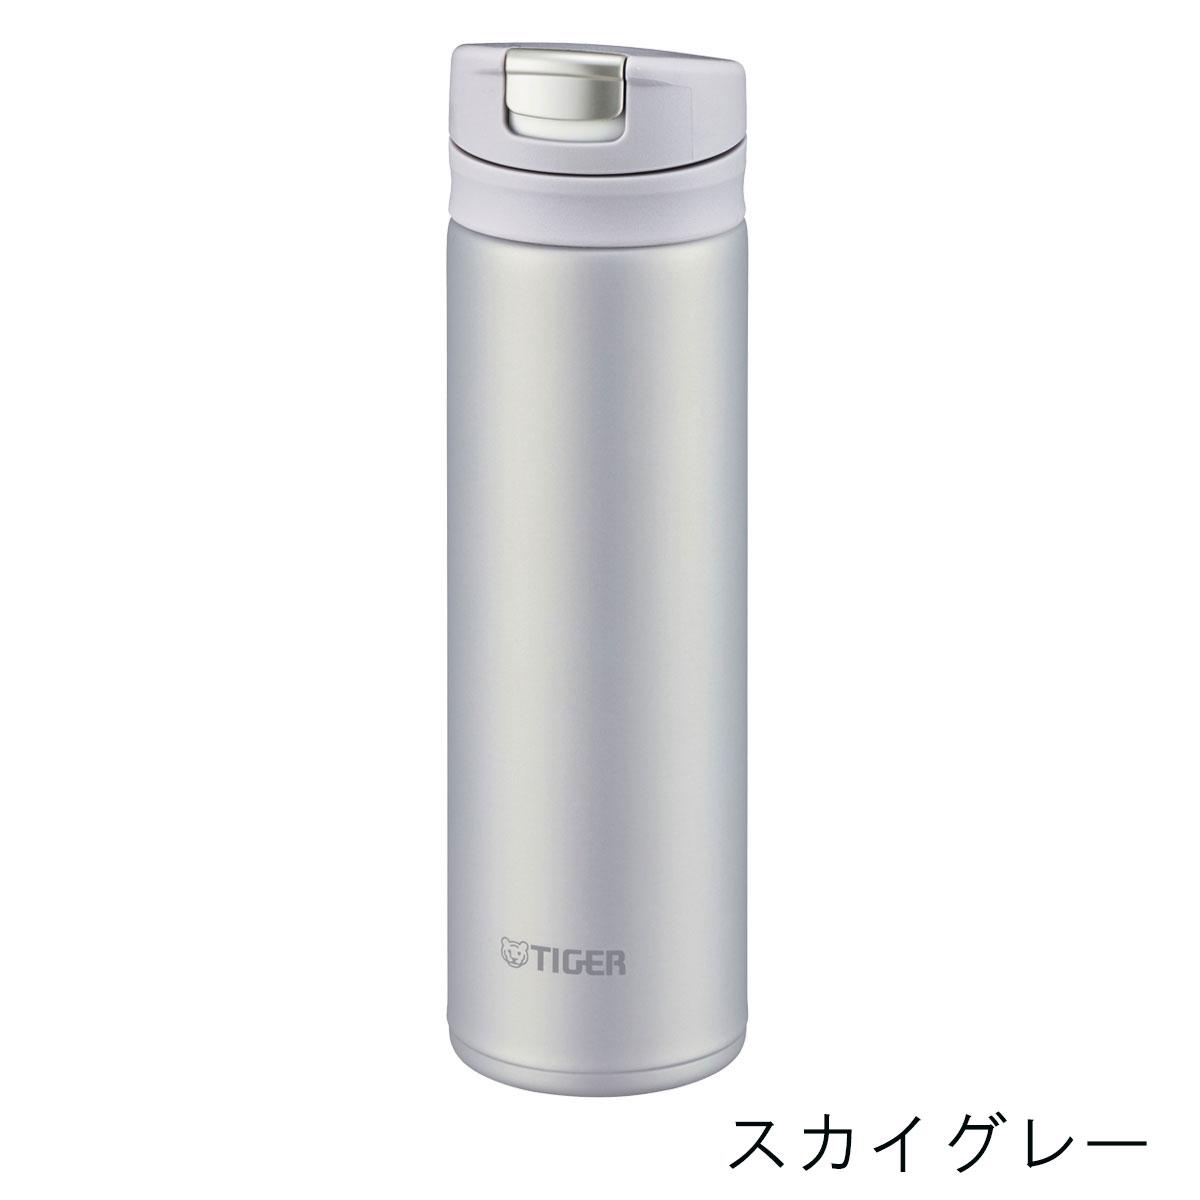 タイガー 真空断熱ステンレスミニボトル 300ml MMX-A032